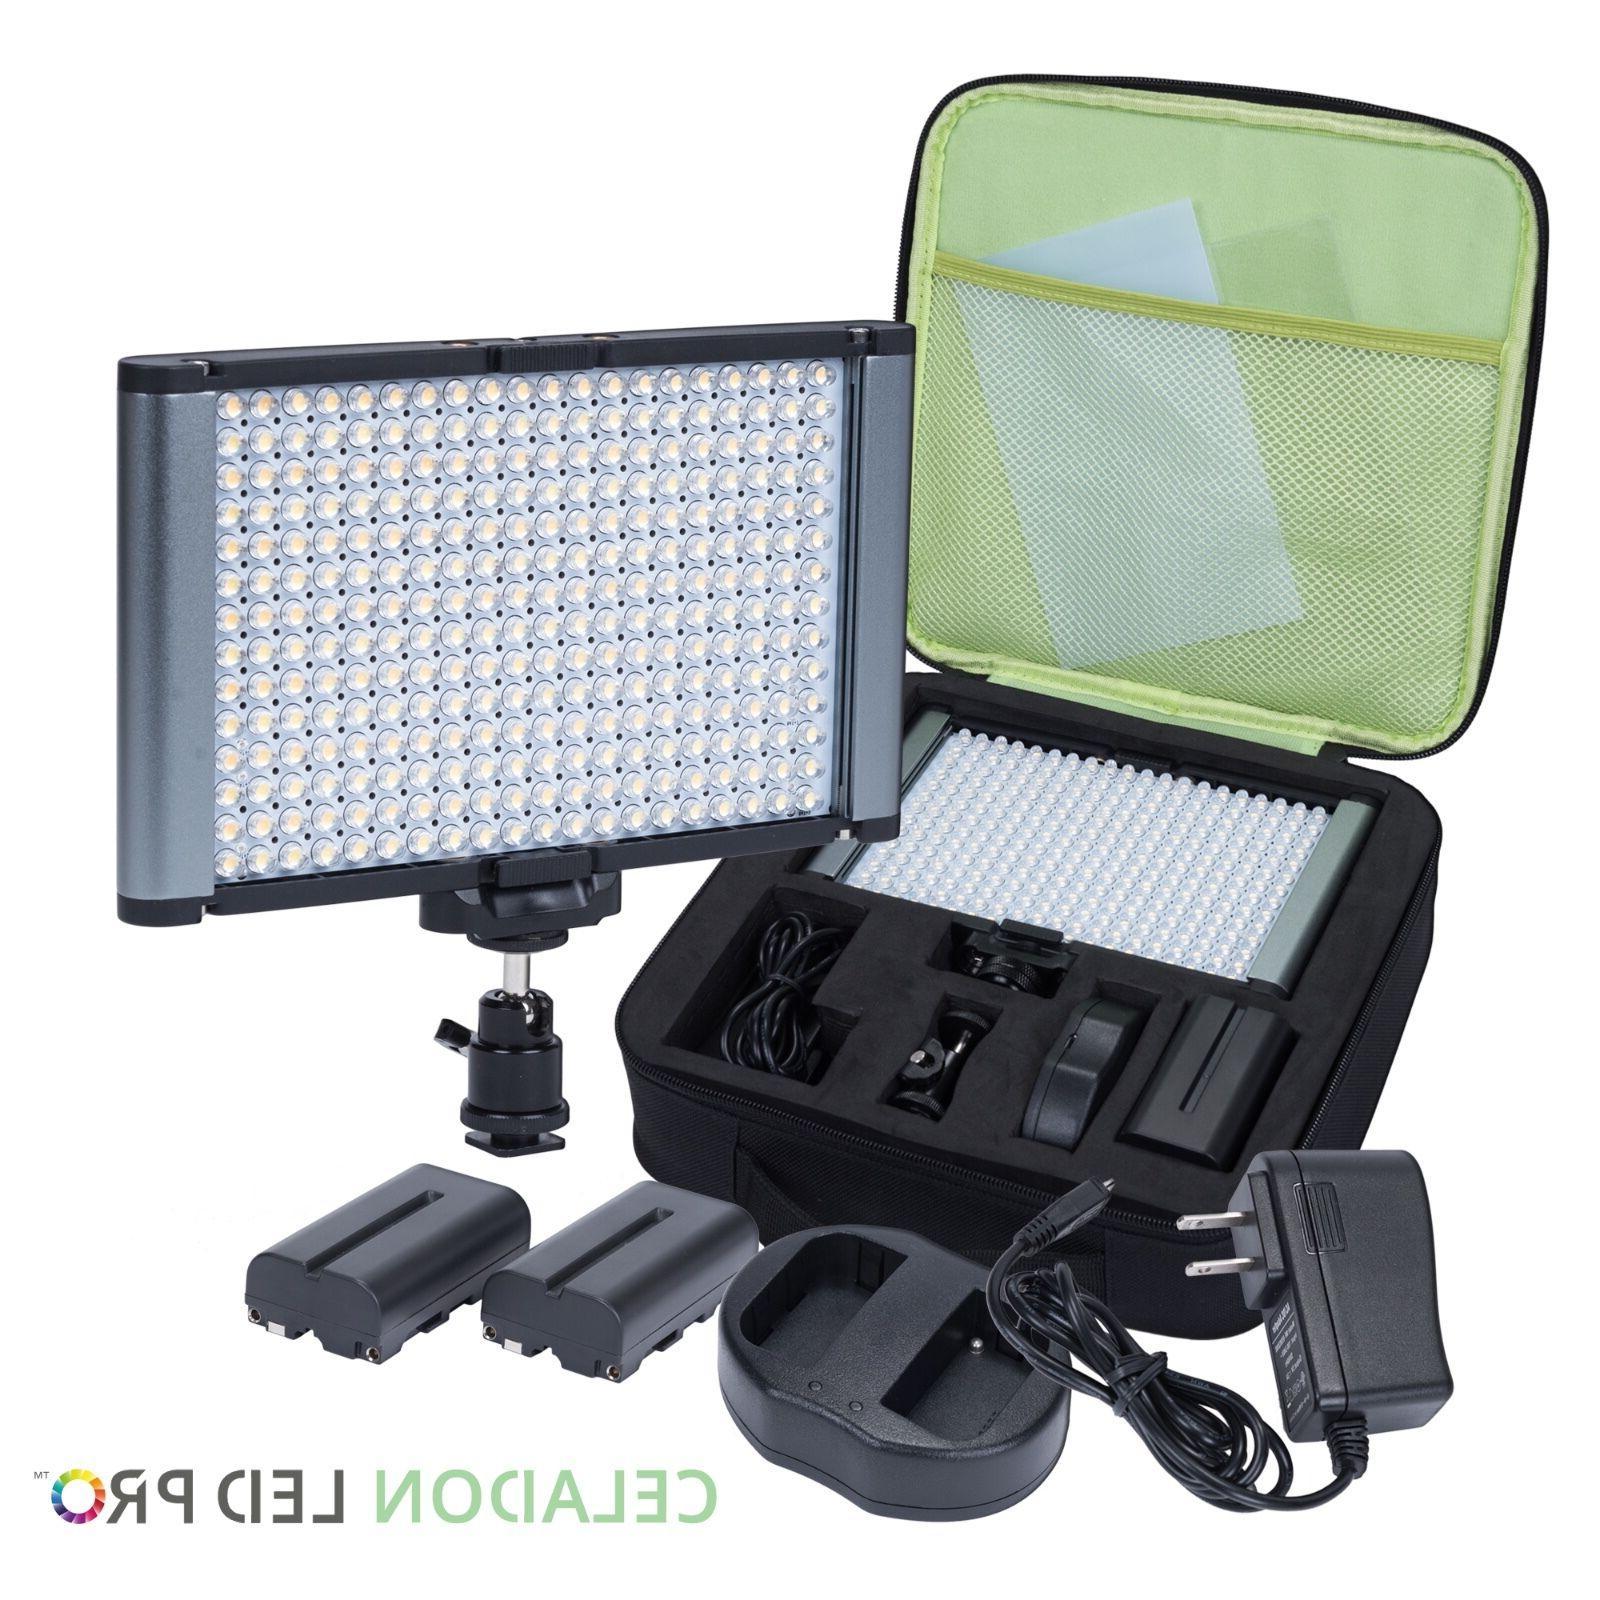 Radiant CRI 95+ Bi-Color Video On-Camera Kit